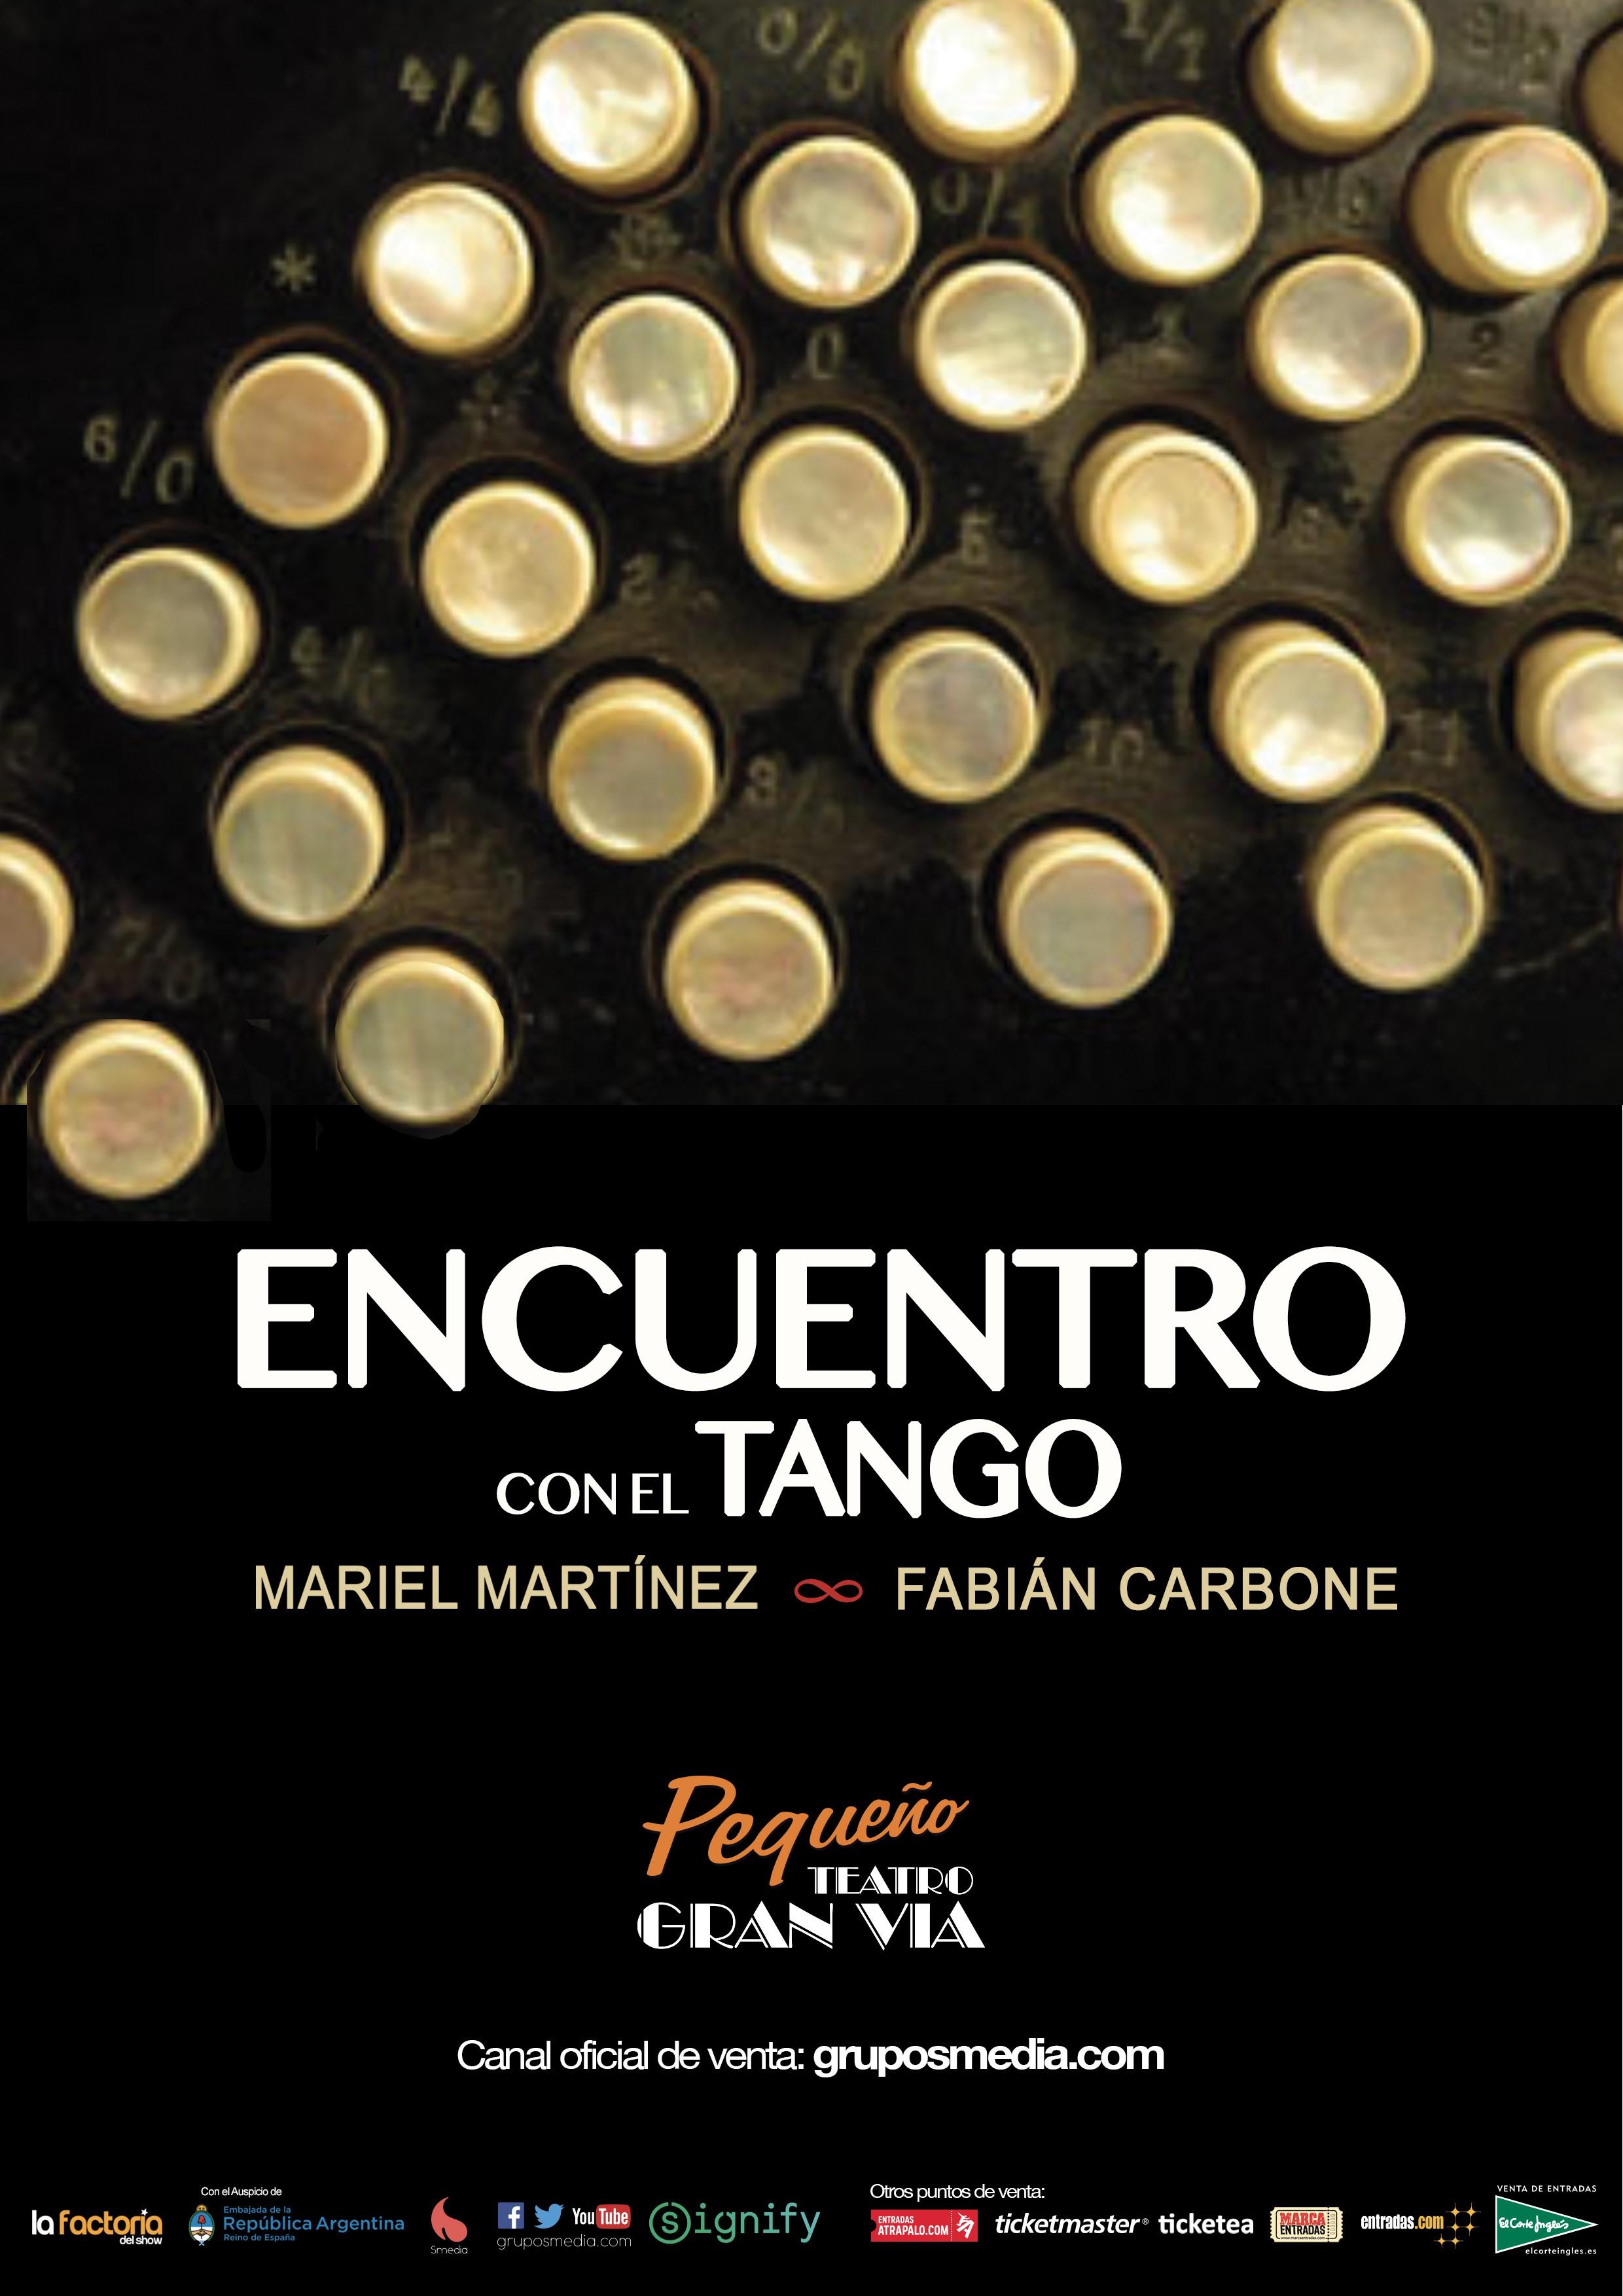 Encuentro con el tango en el pequeño teatro de gran via